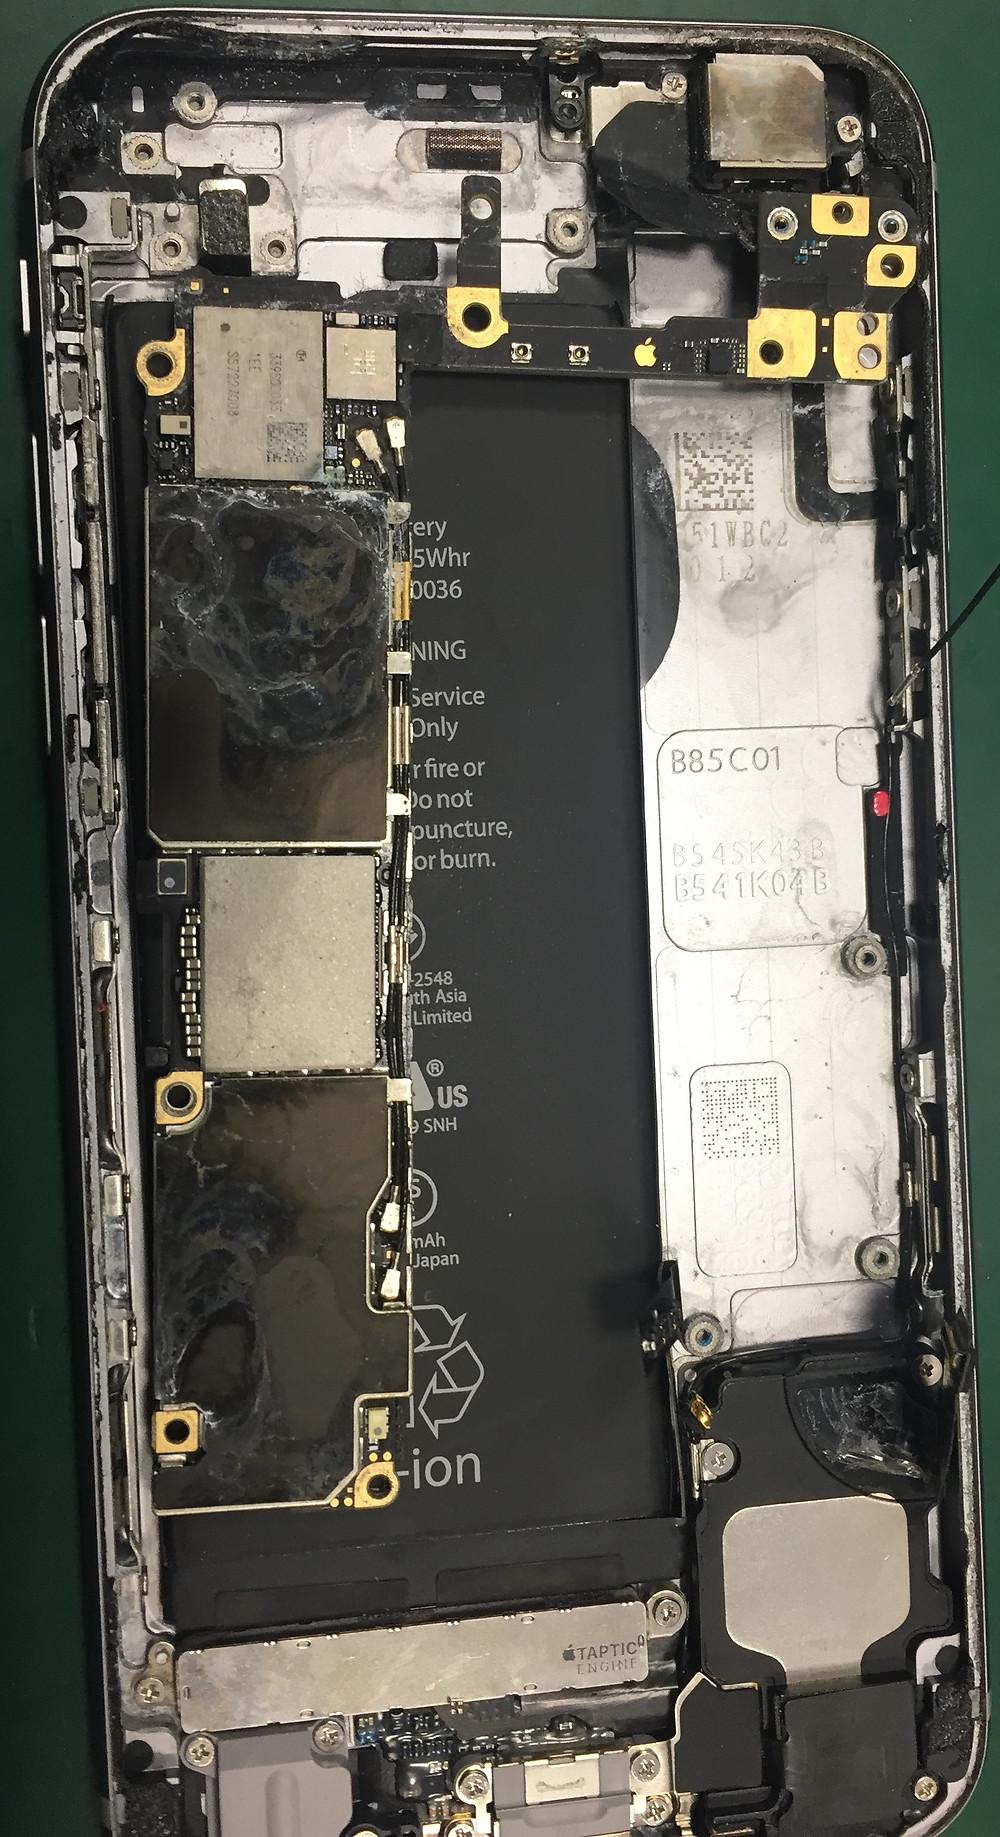 Czyszczenie po zalaniu iPhone FixMe serwis Apple Łódź